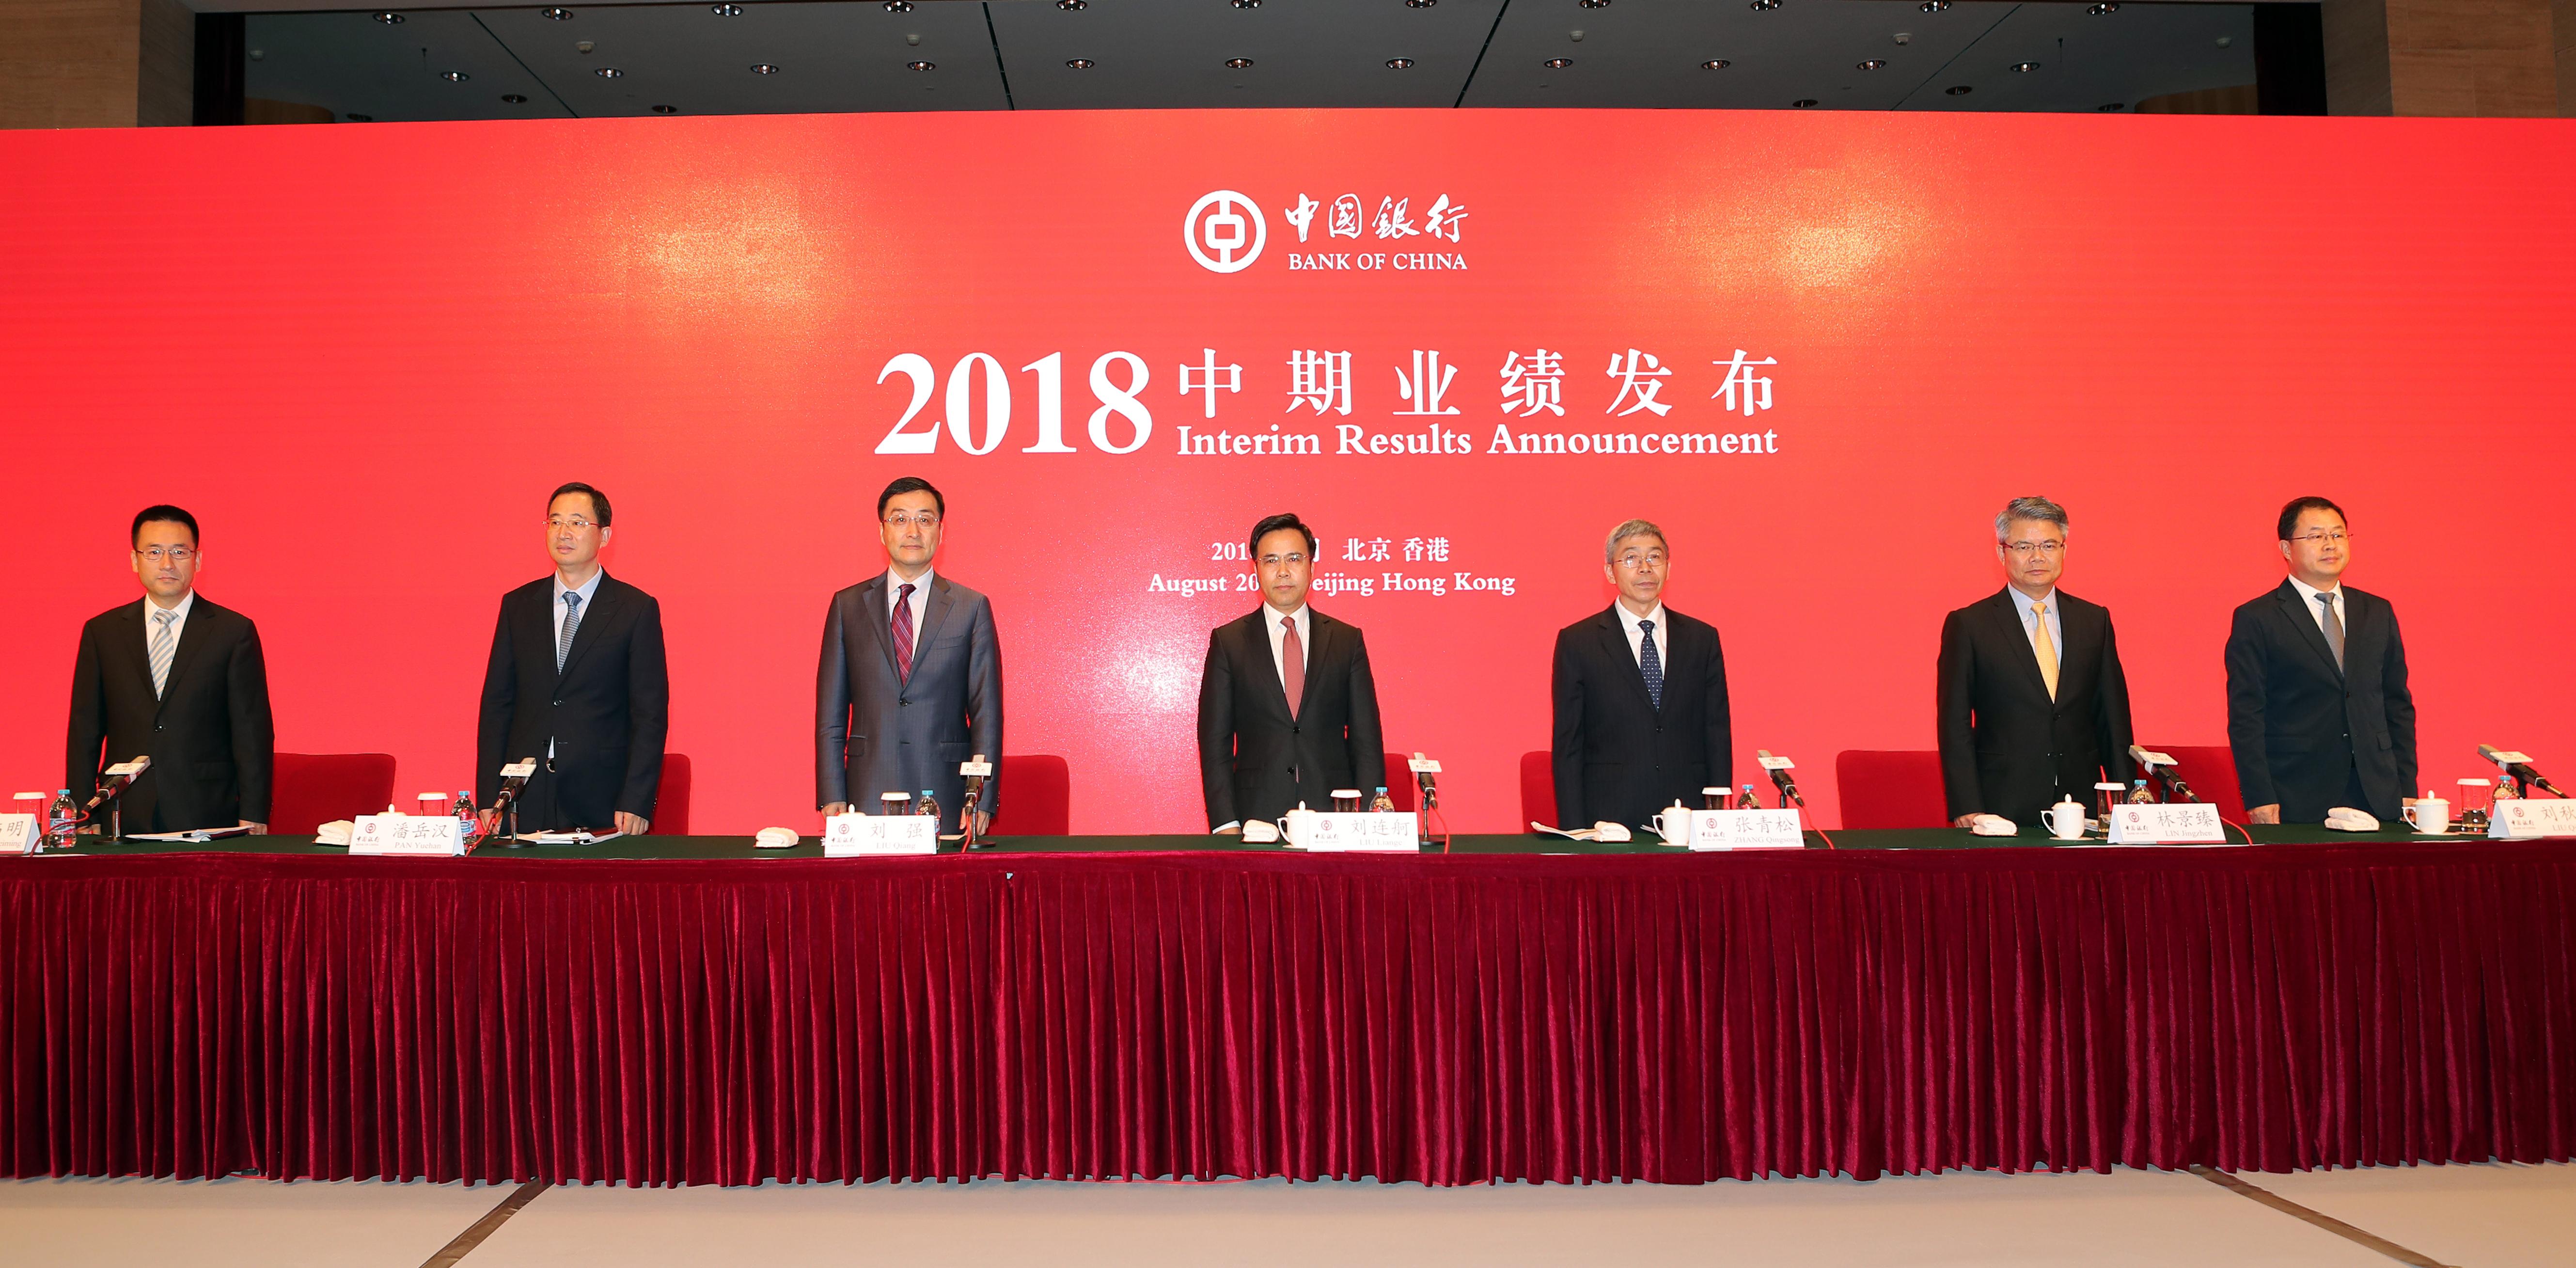 号外|中行行长刘连舸:下半年将适度加大信贷投放